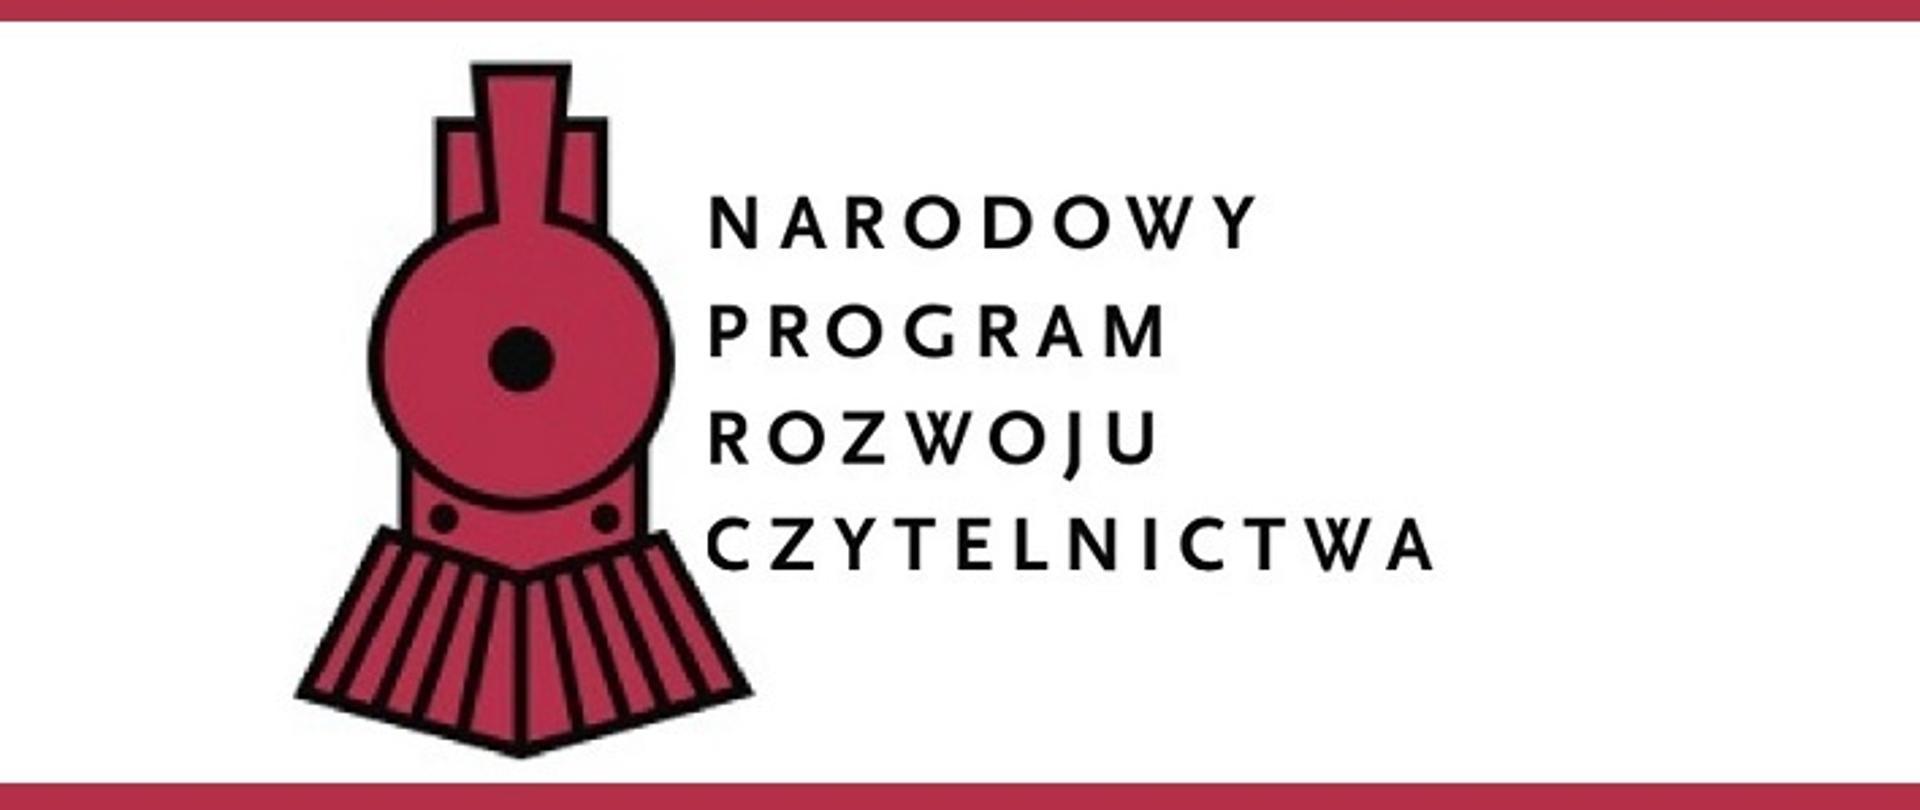 przejdź do naszej podstrony dotyczącej Narodowego Programu Rozwoju Czytelnictwa